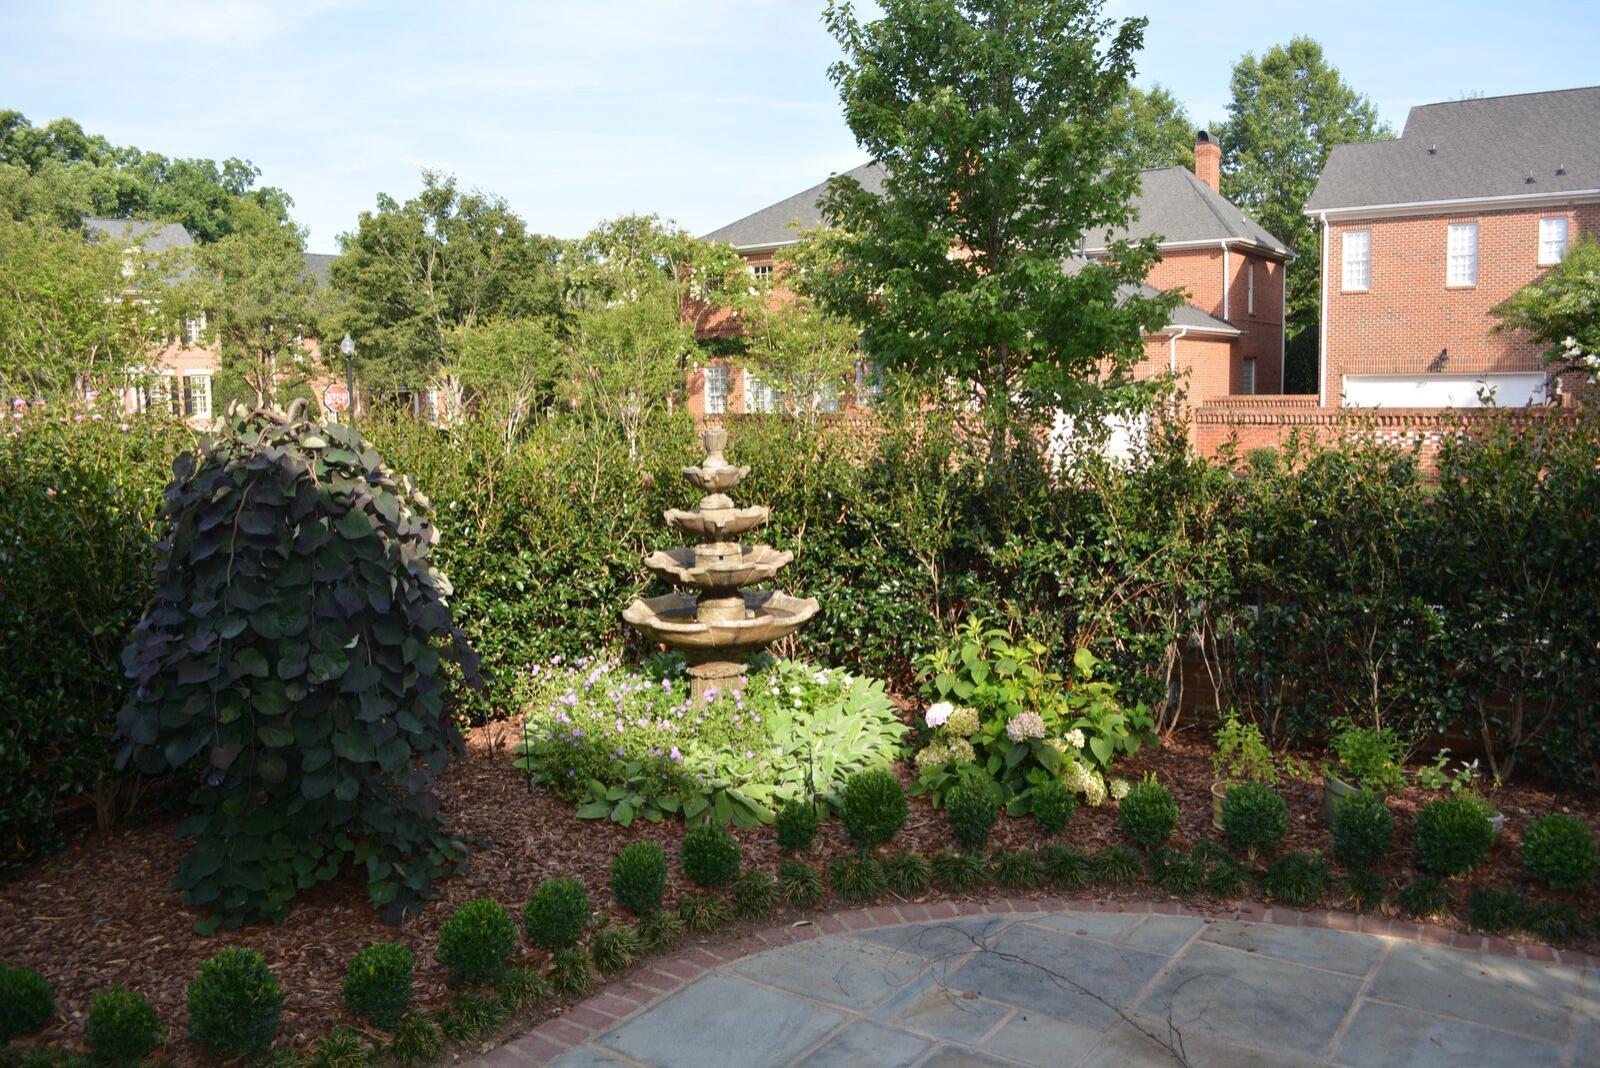 Zellickson Garden